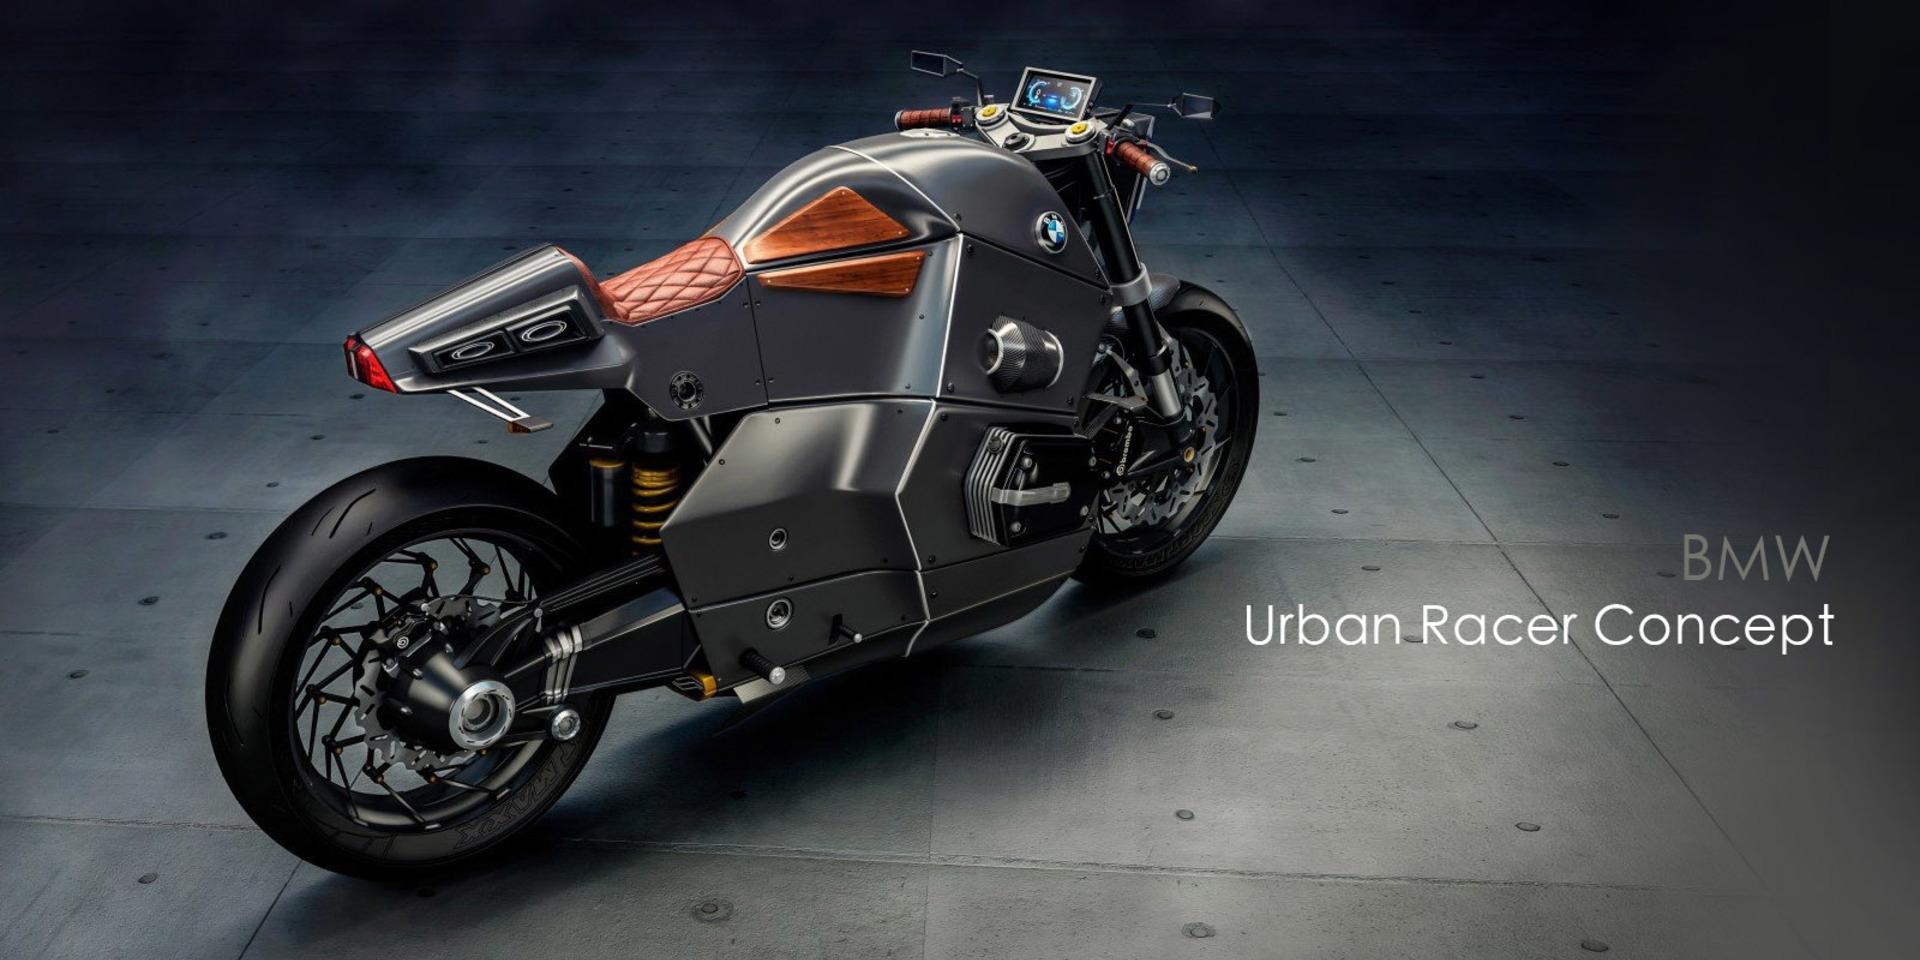 品味X科技 BMW概念摩托車Urban Racer Concept